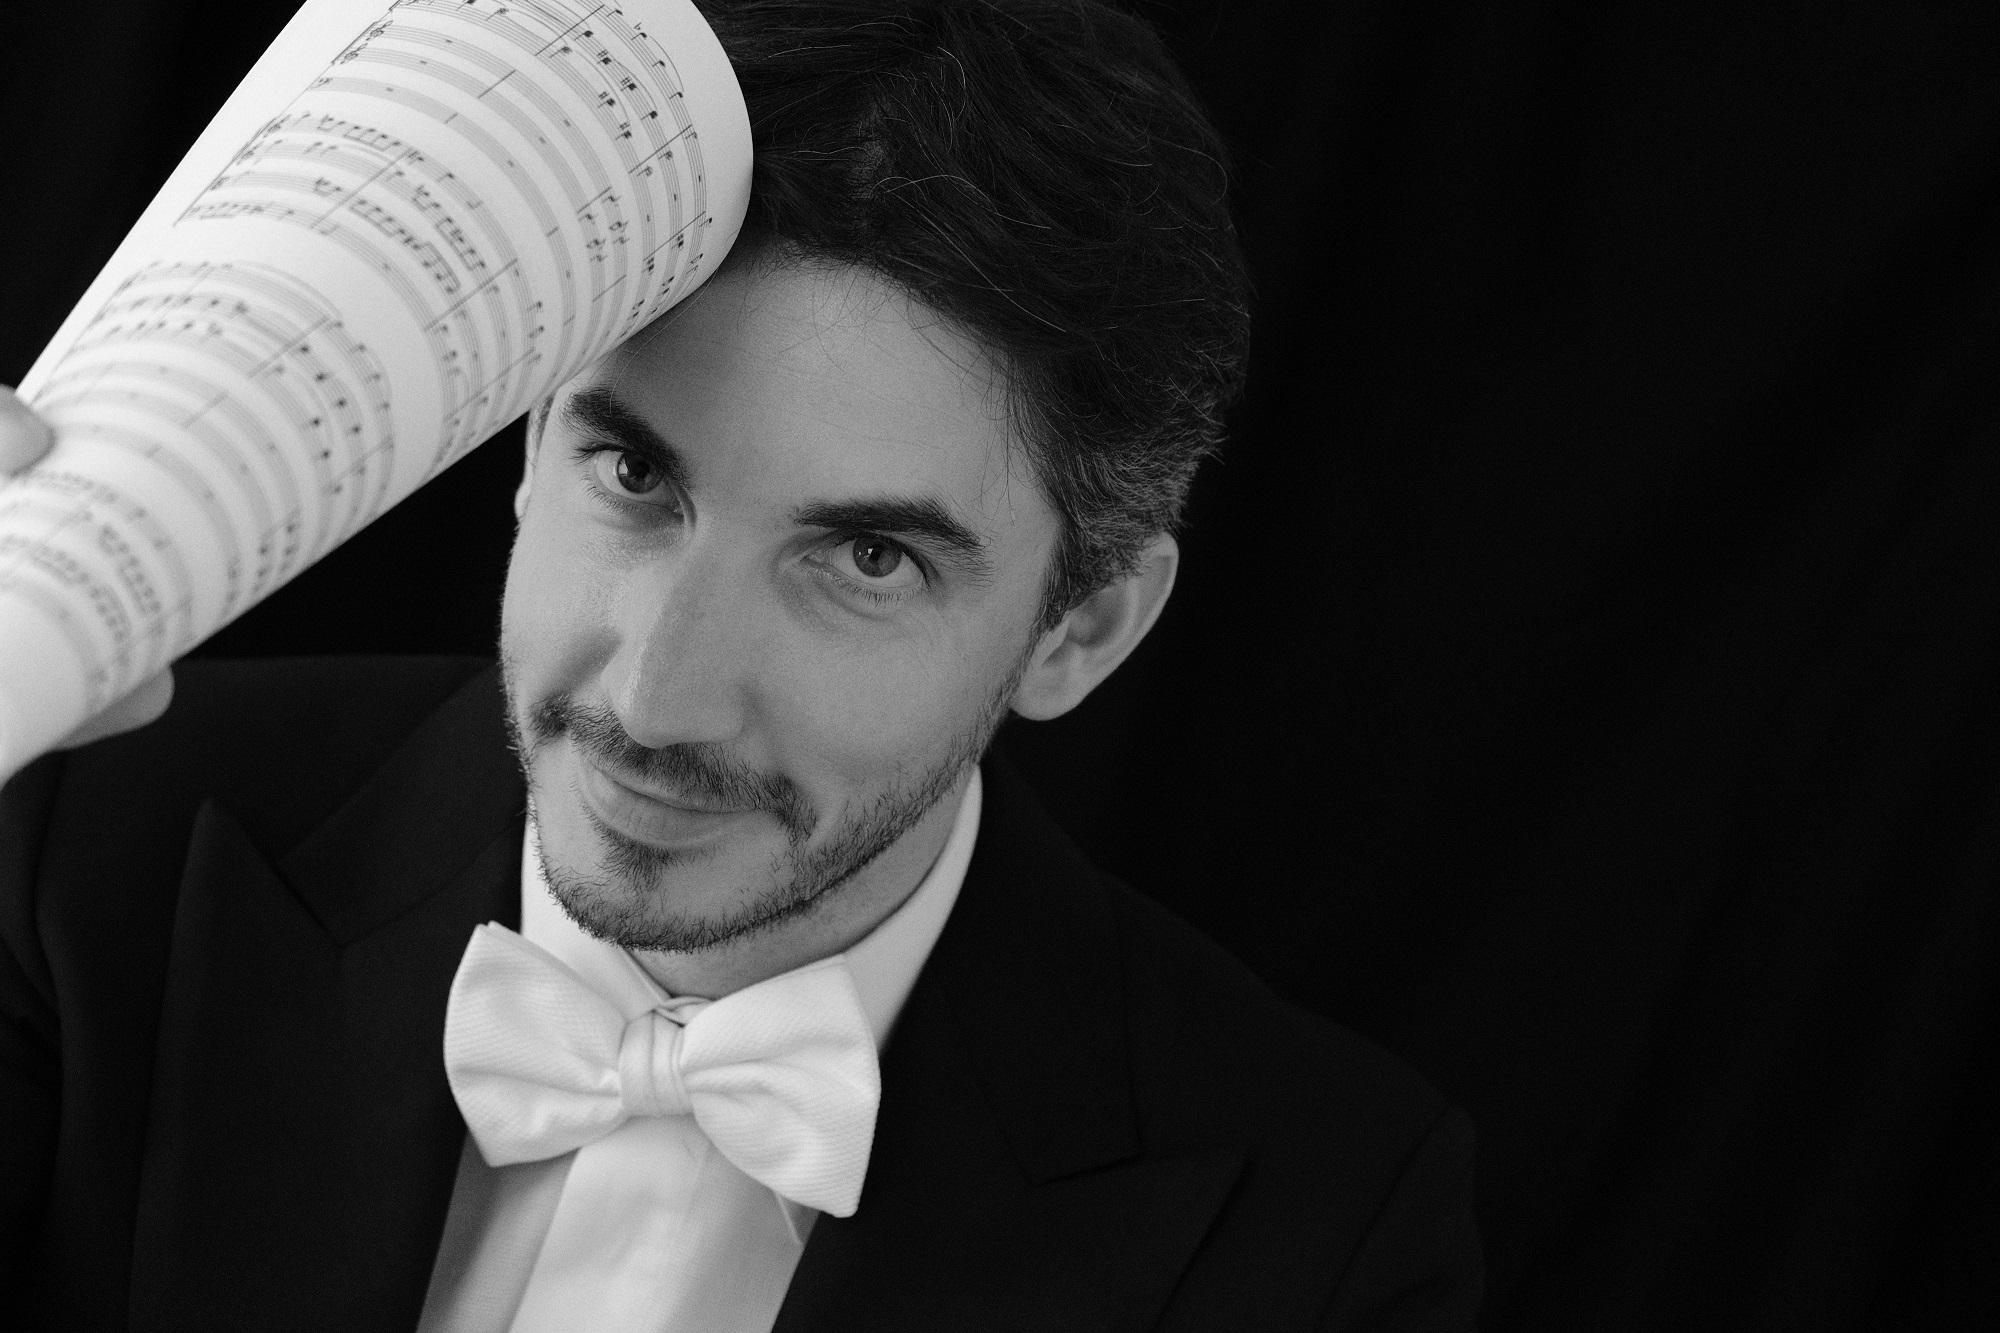 Giovanni Costantini